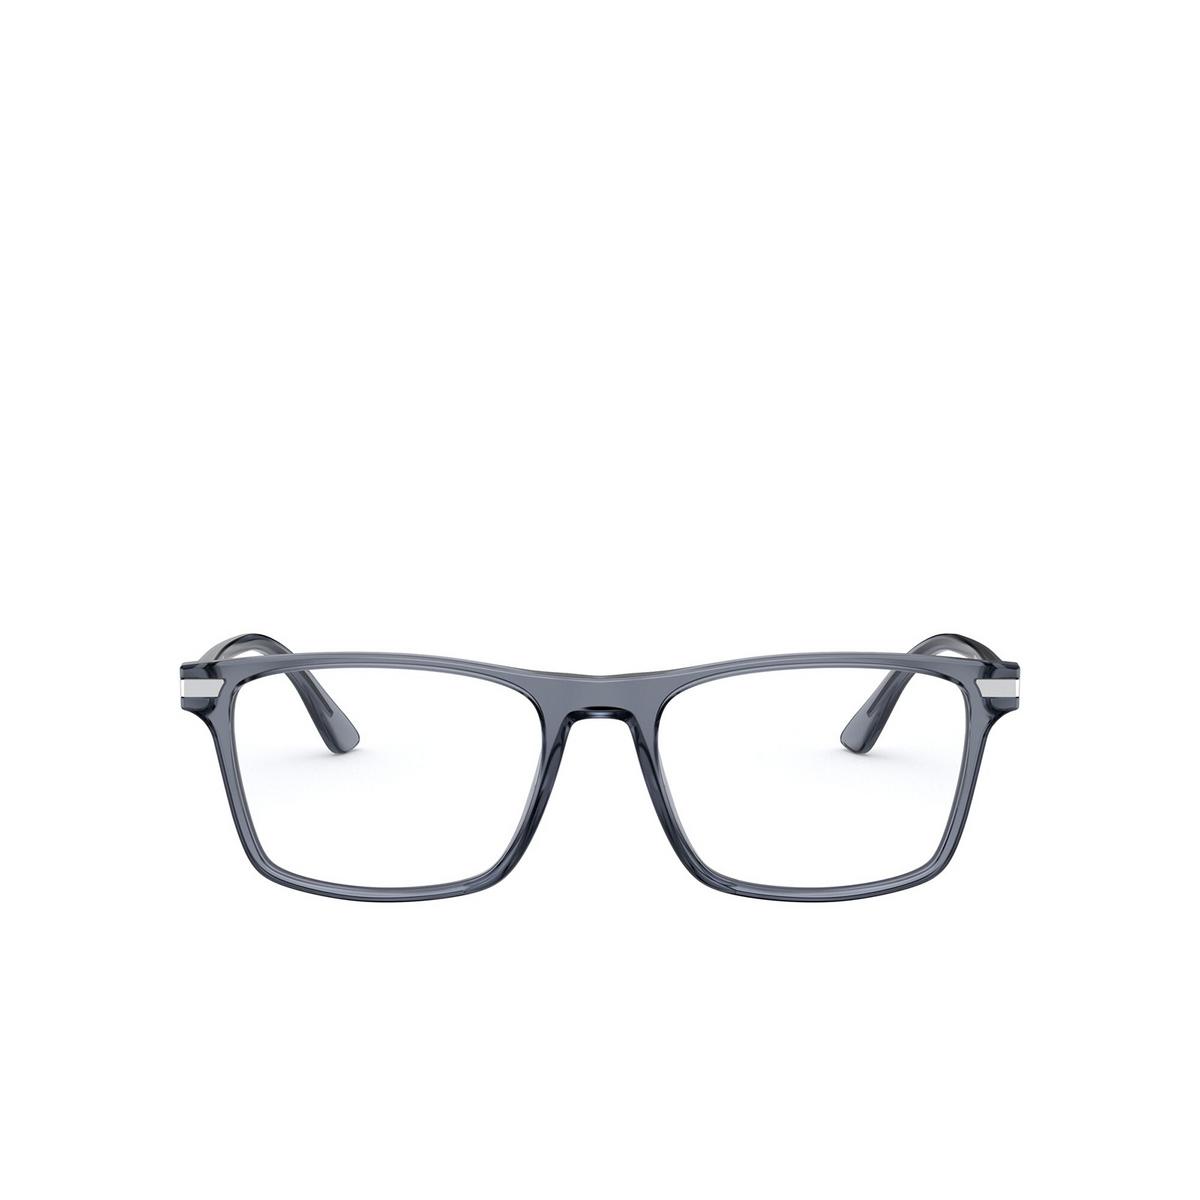 Prada® Rectangle Eyeglasses: PR 01WV color Grey 01G1O1 - front view.